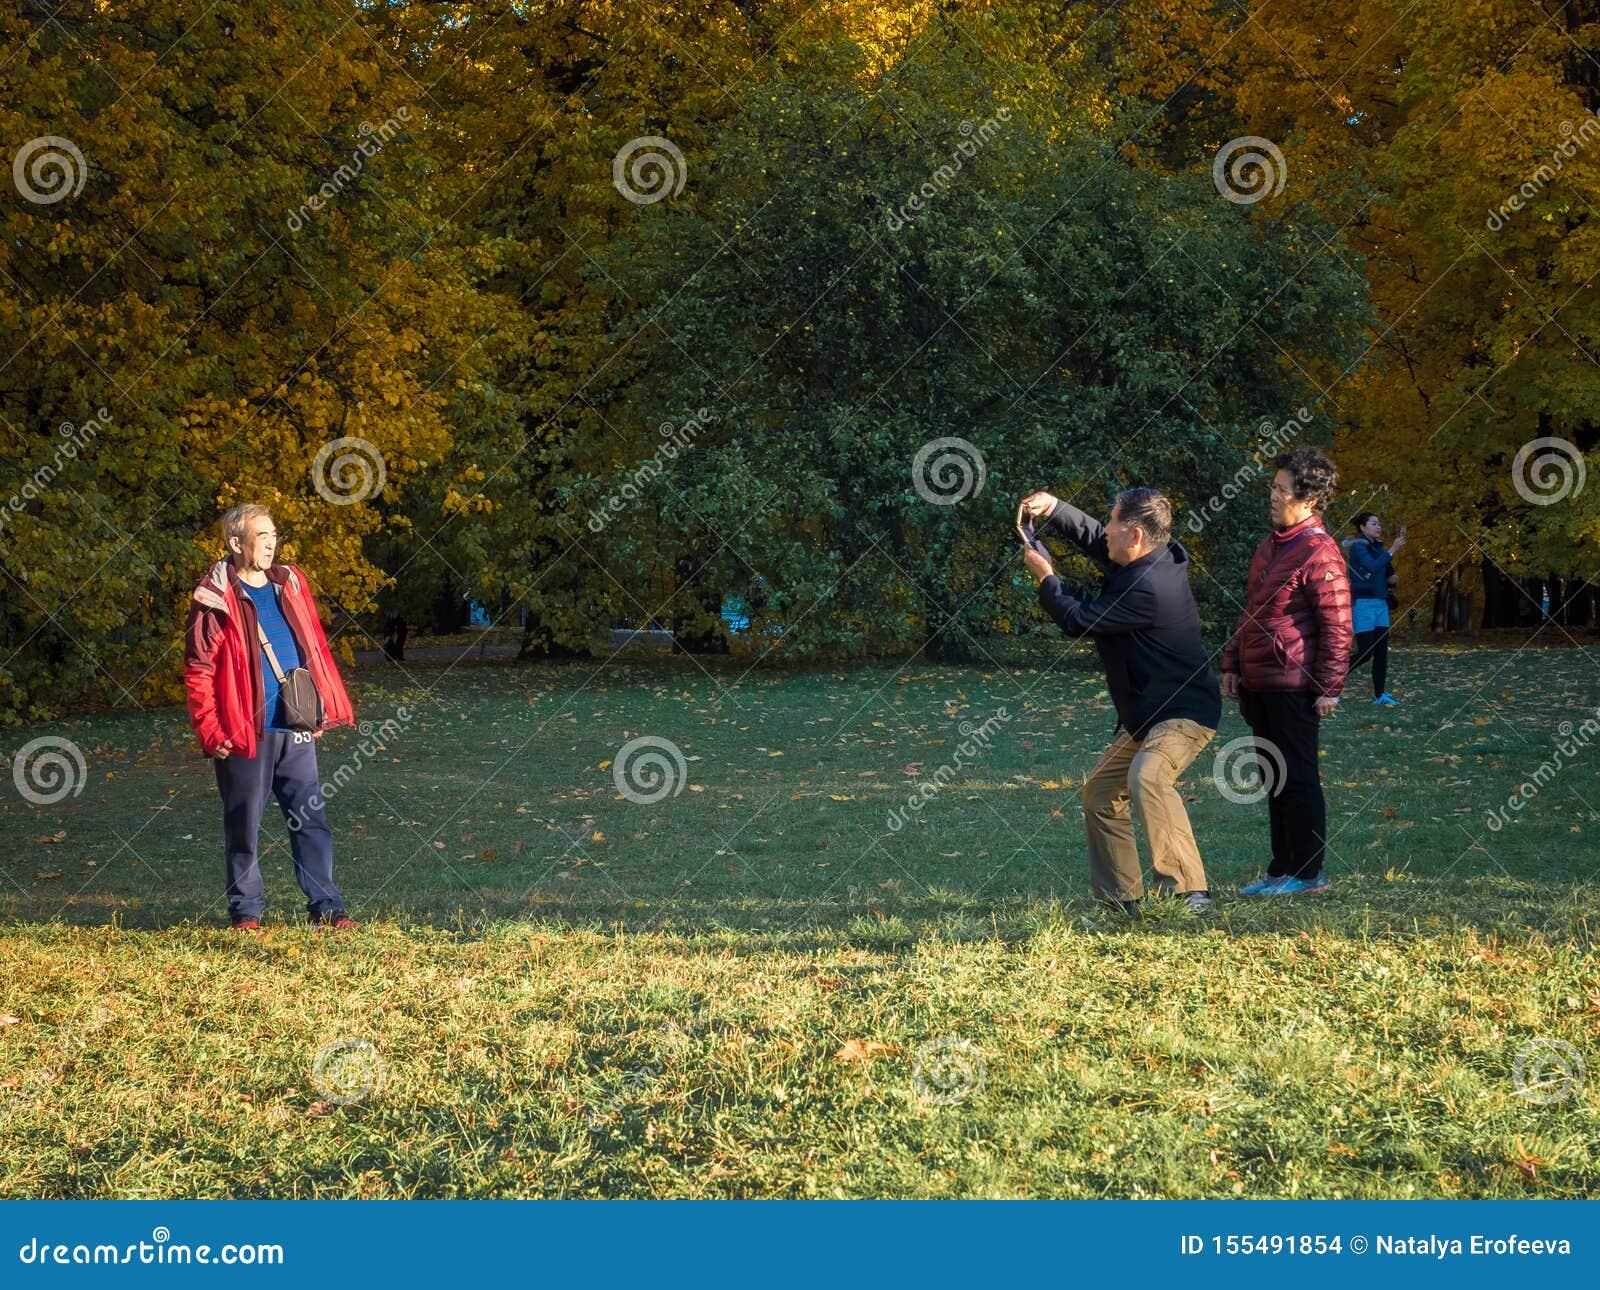 Moscou, Russie - 11 octobre 2018 : Les touristes chinois marche le parc d automne Les personnes asiatiques pluses âgé prennent de